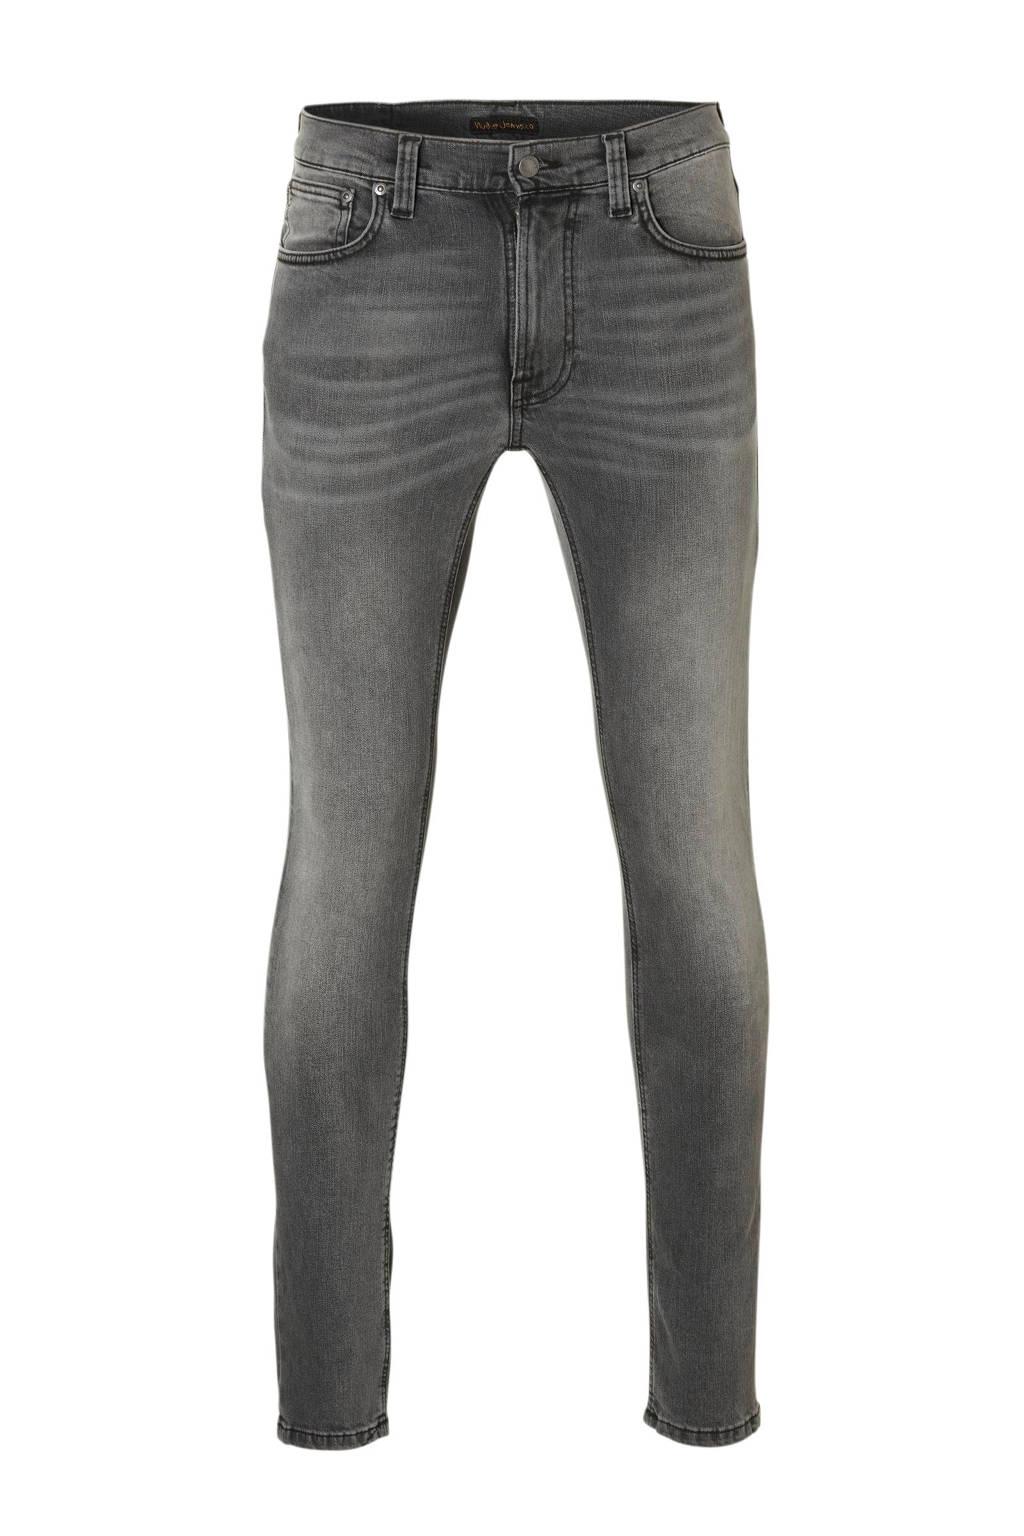 Nudie Jeans  regular jeans Lean Dean, Grey denim